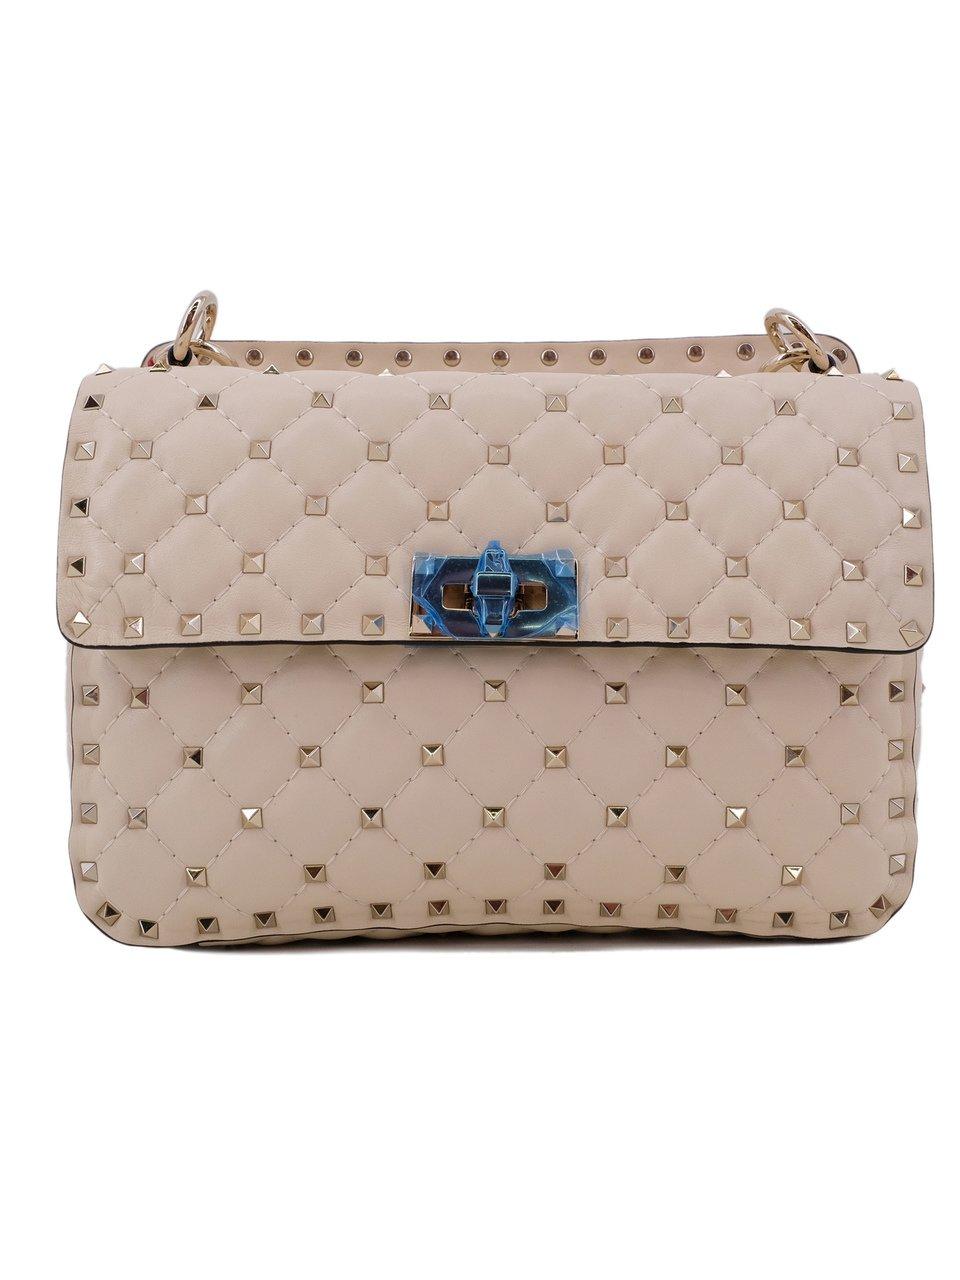 d2d0047adb92 По мнению самого Валентино Гаравани, Rockstud Spike — это новая эра в жизни  легендарного модного дома Valentino. Дизайн сумки был разработан  художественным ...